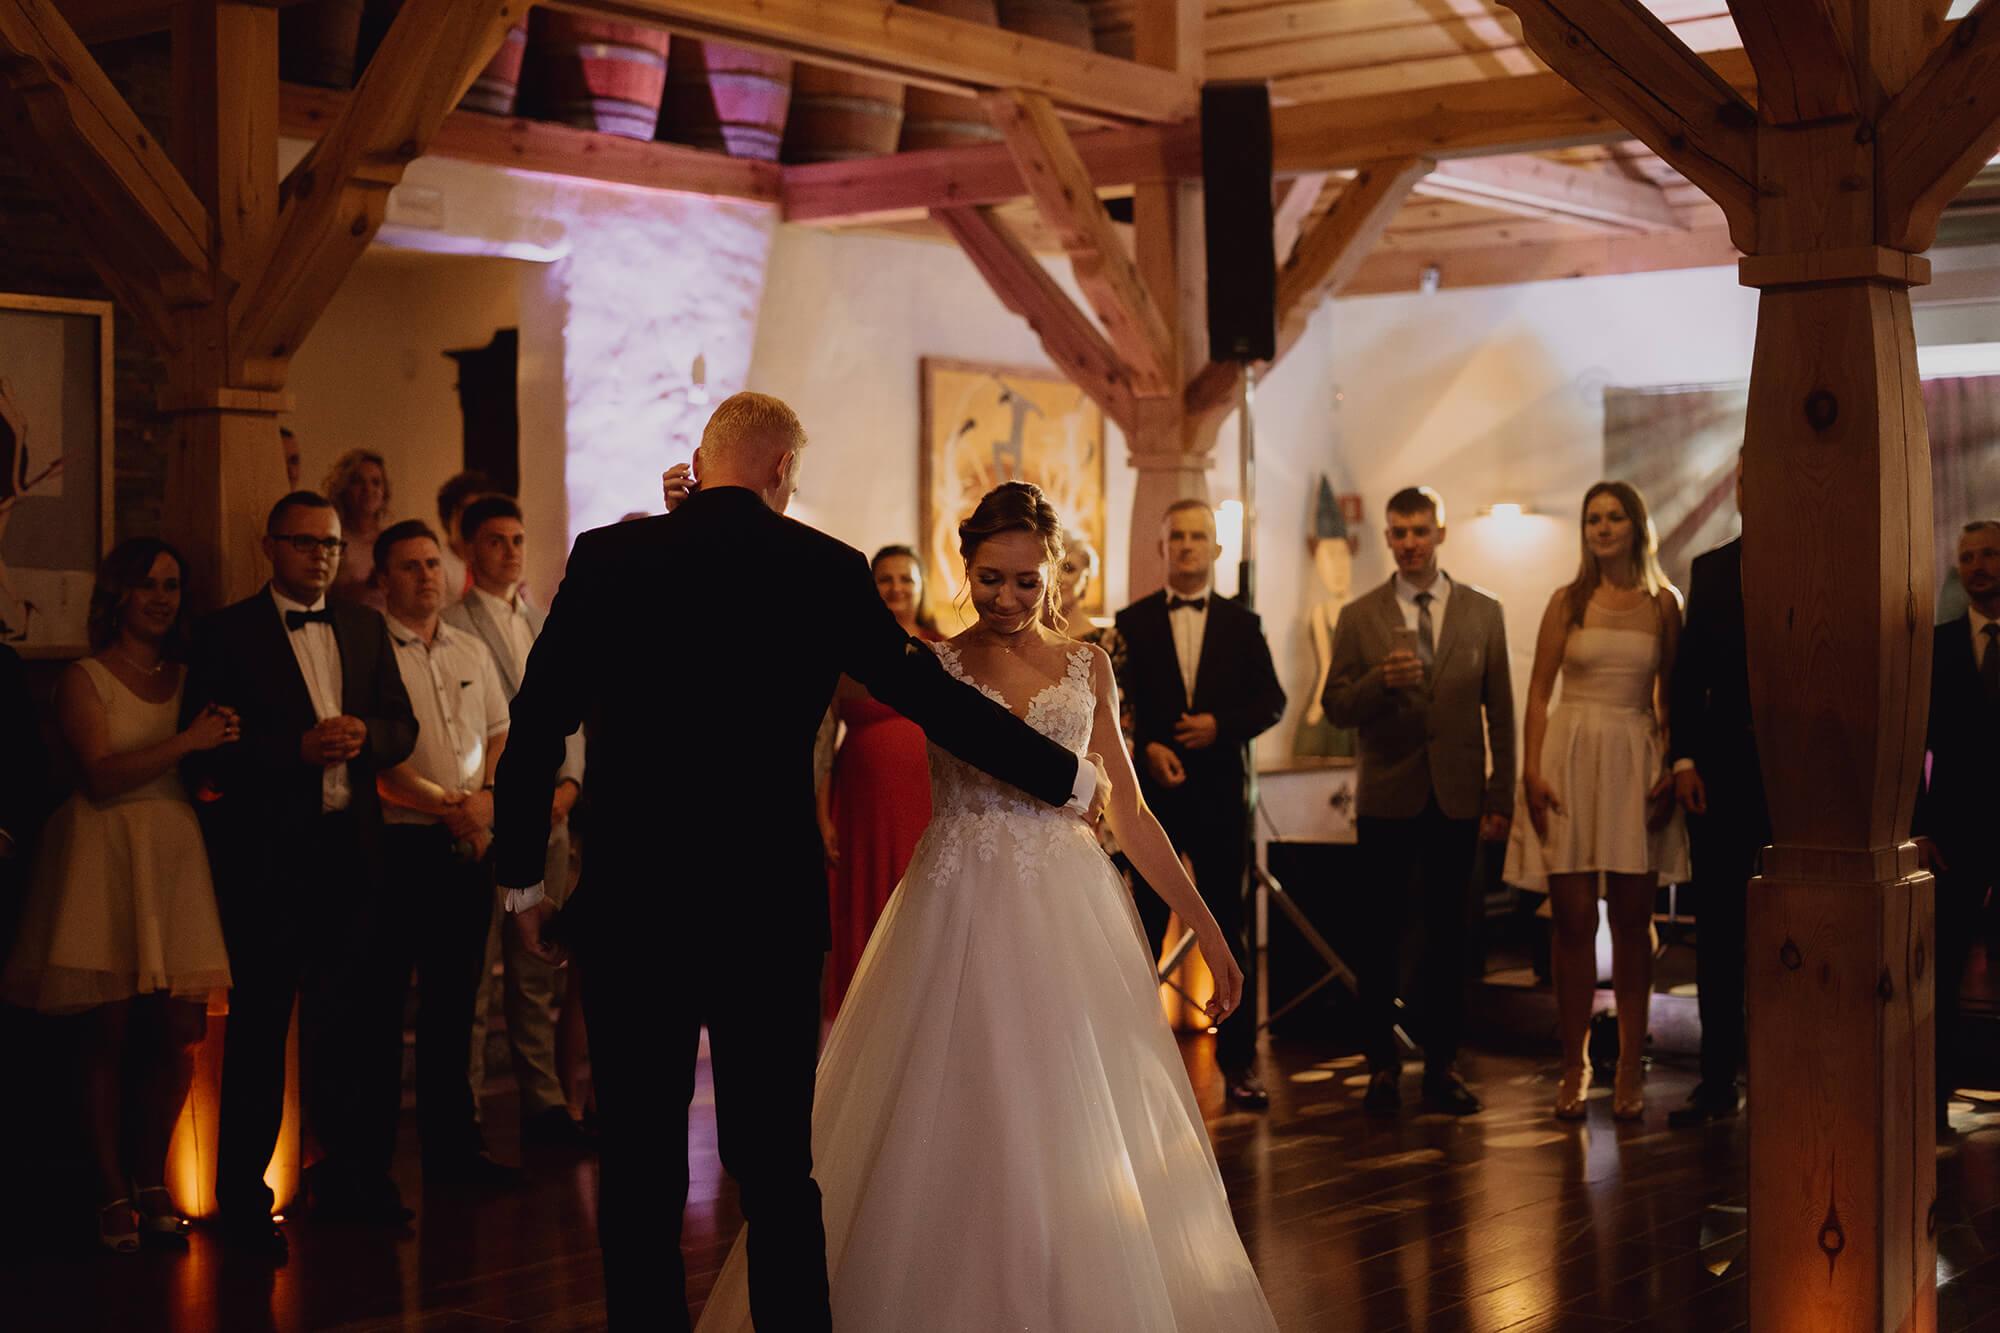 Slub wesele w dworze Hulanka00094 - Ola + Maciej | wesele w Dworze Hulanka